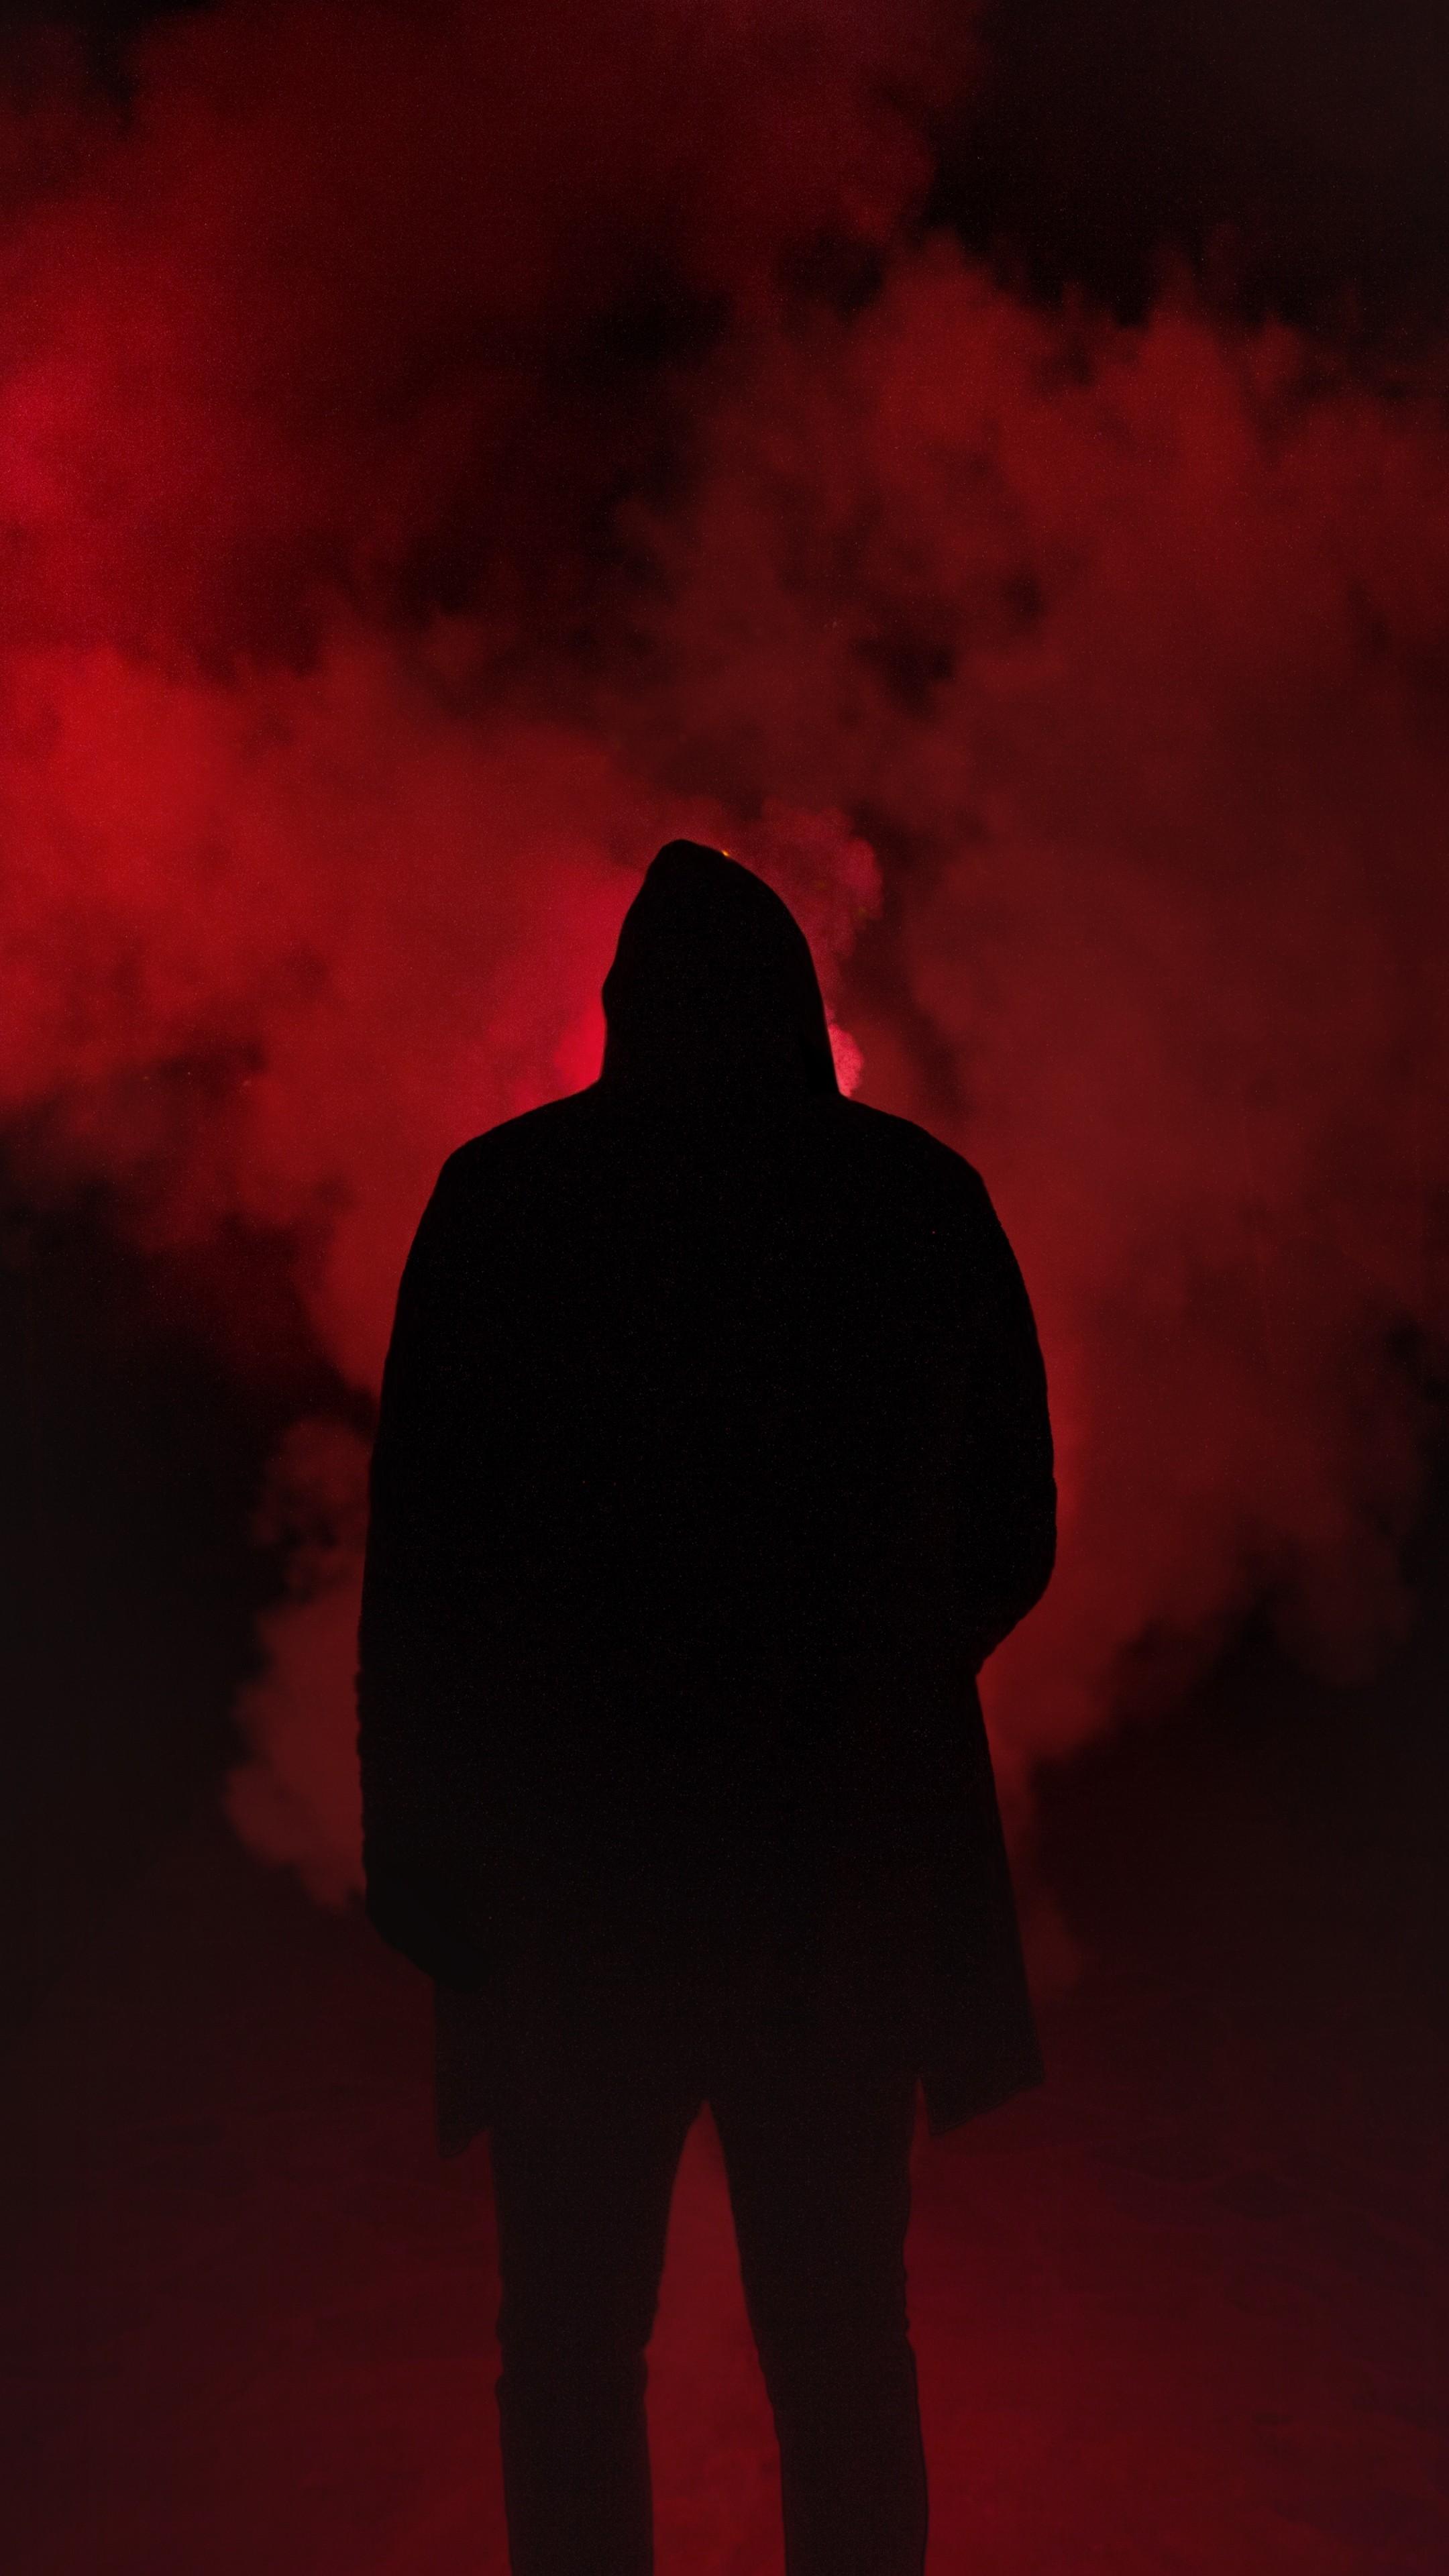 Bryson Tiller Wallpaper Iphone Silhouette Smoke Man Hood Wallpaper 2160x3840